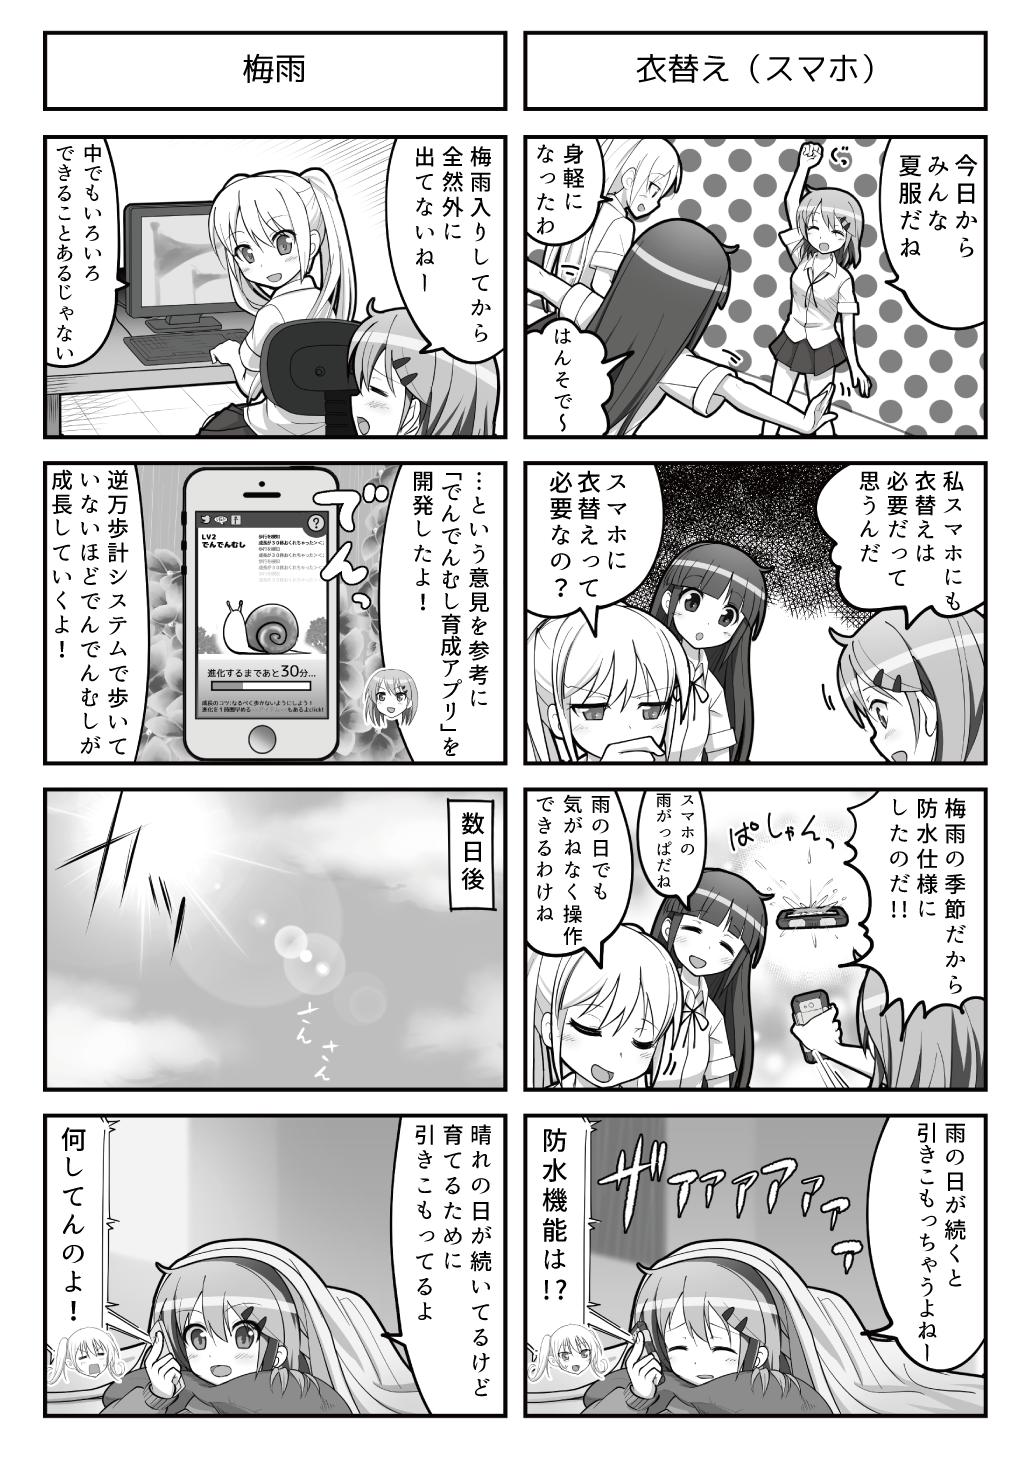 すぱこー Ver. 34